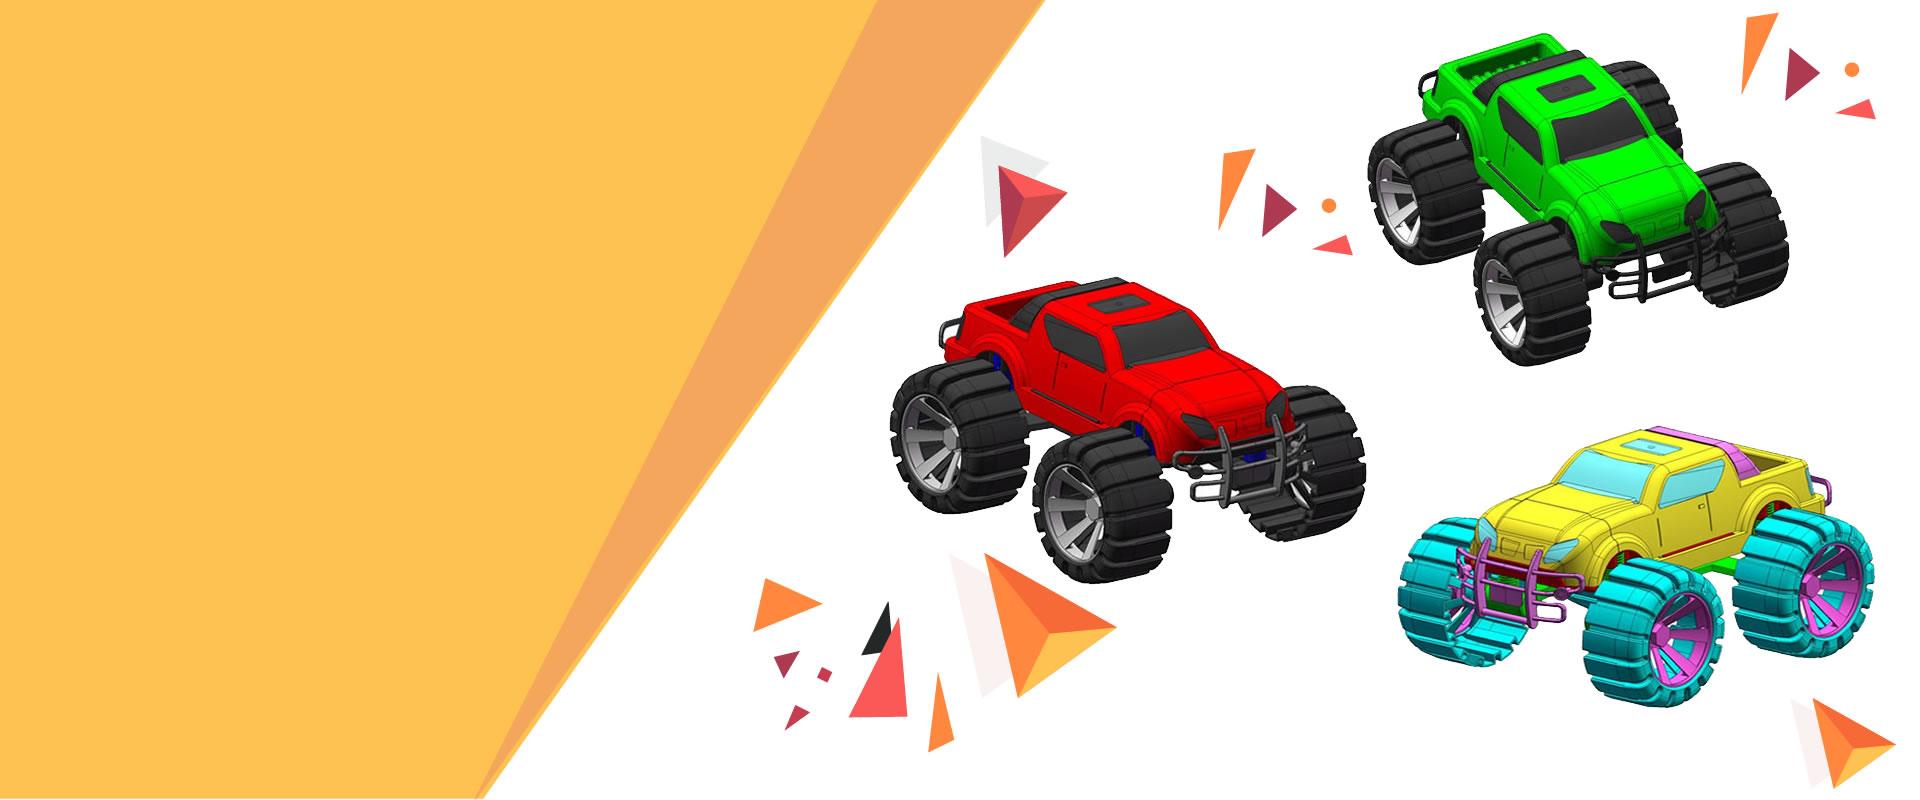 TechBrinq TechBrinq - construindo com a alegria de brincar!